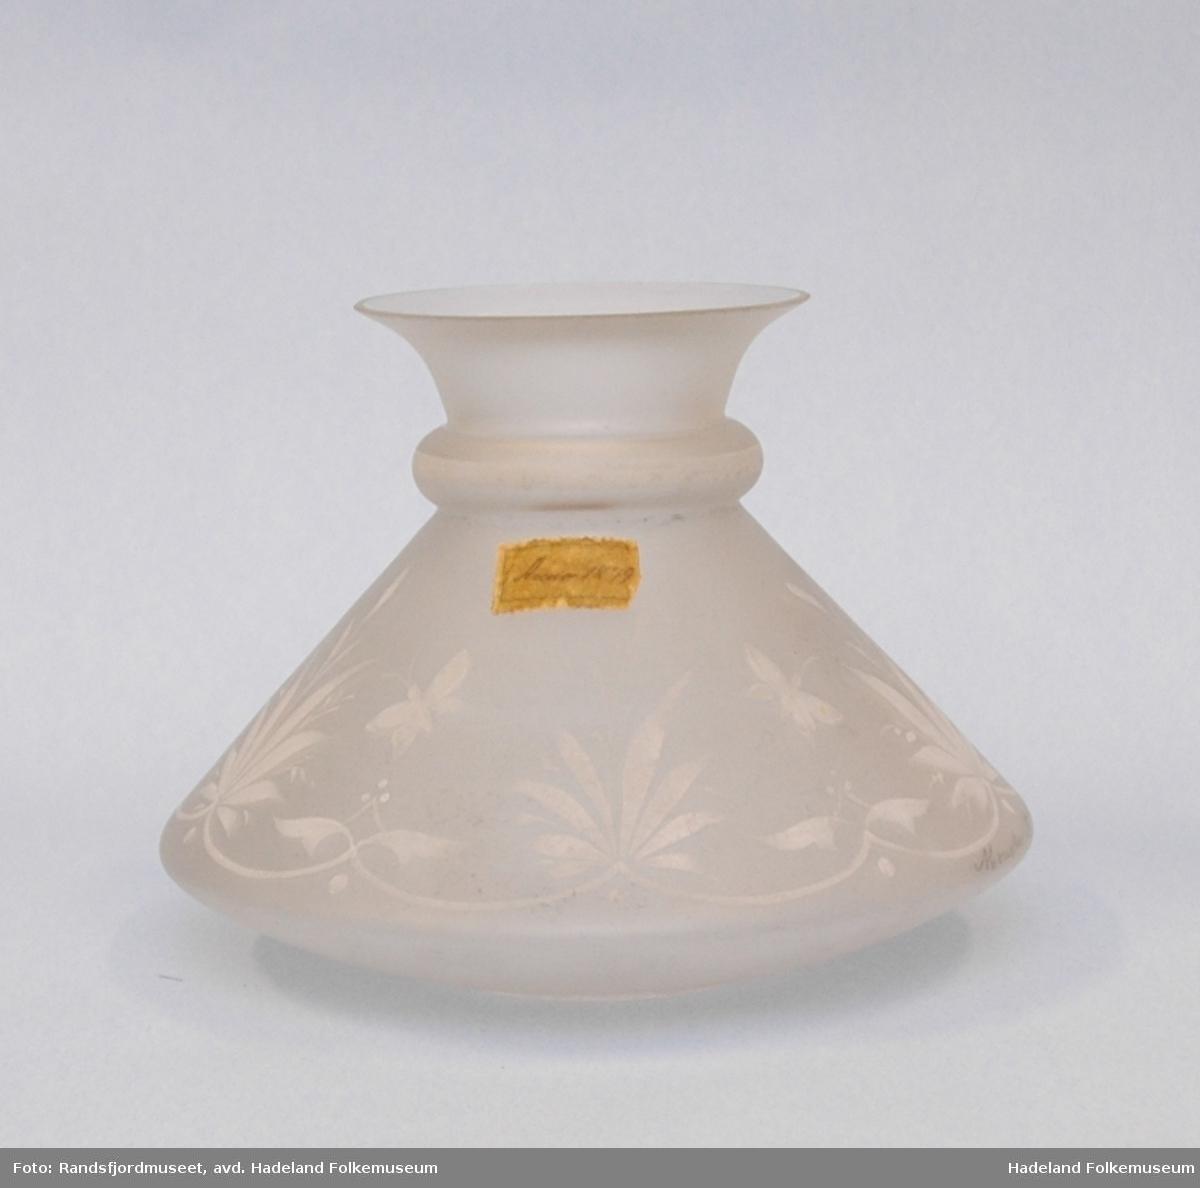 Frostet glass, hvit. rund, trekantet form som skrår inn mot toppen, for så å vende ut igjen og åpne seg. En vulst der hvor retningen skifter. Blomstermønster.